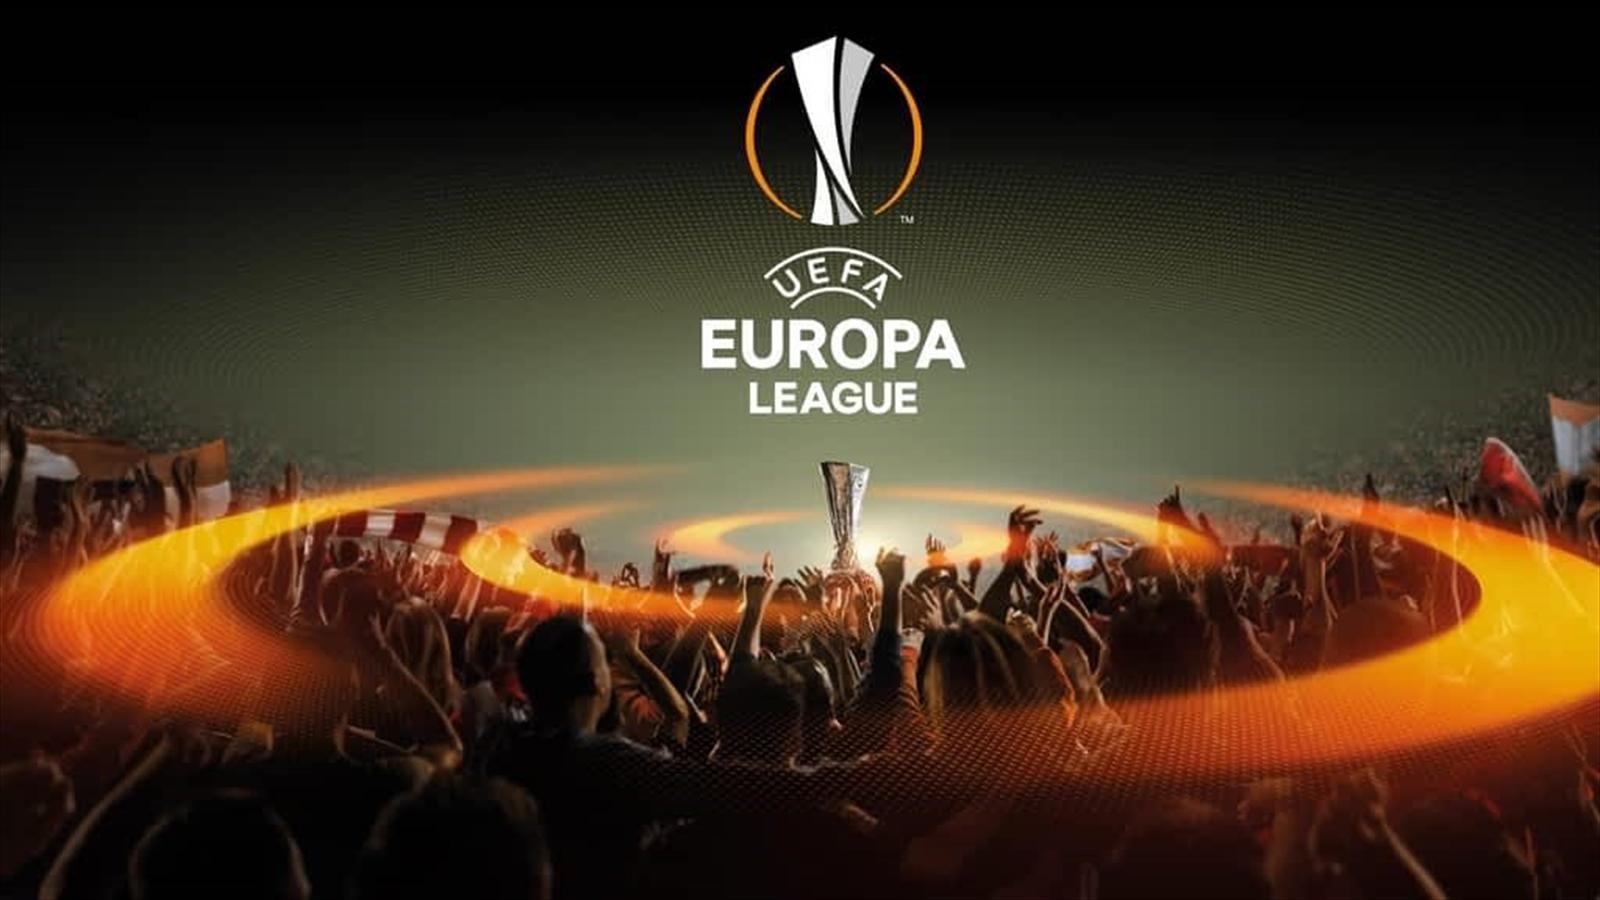 Ligue Europa : Seizièmes de finales